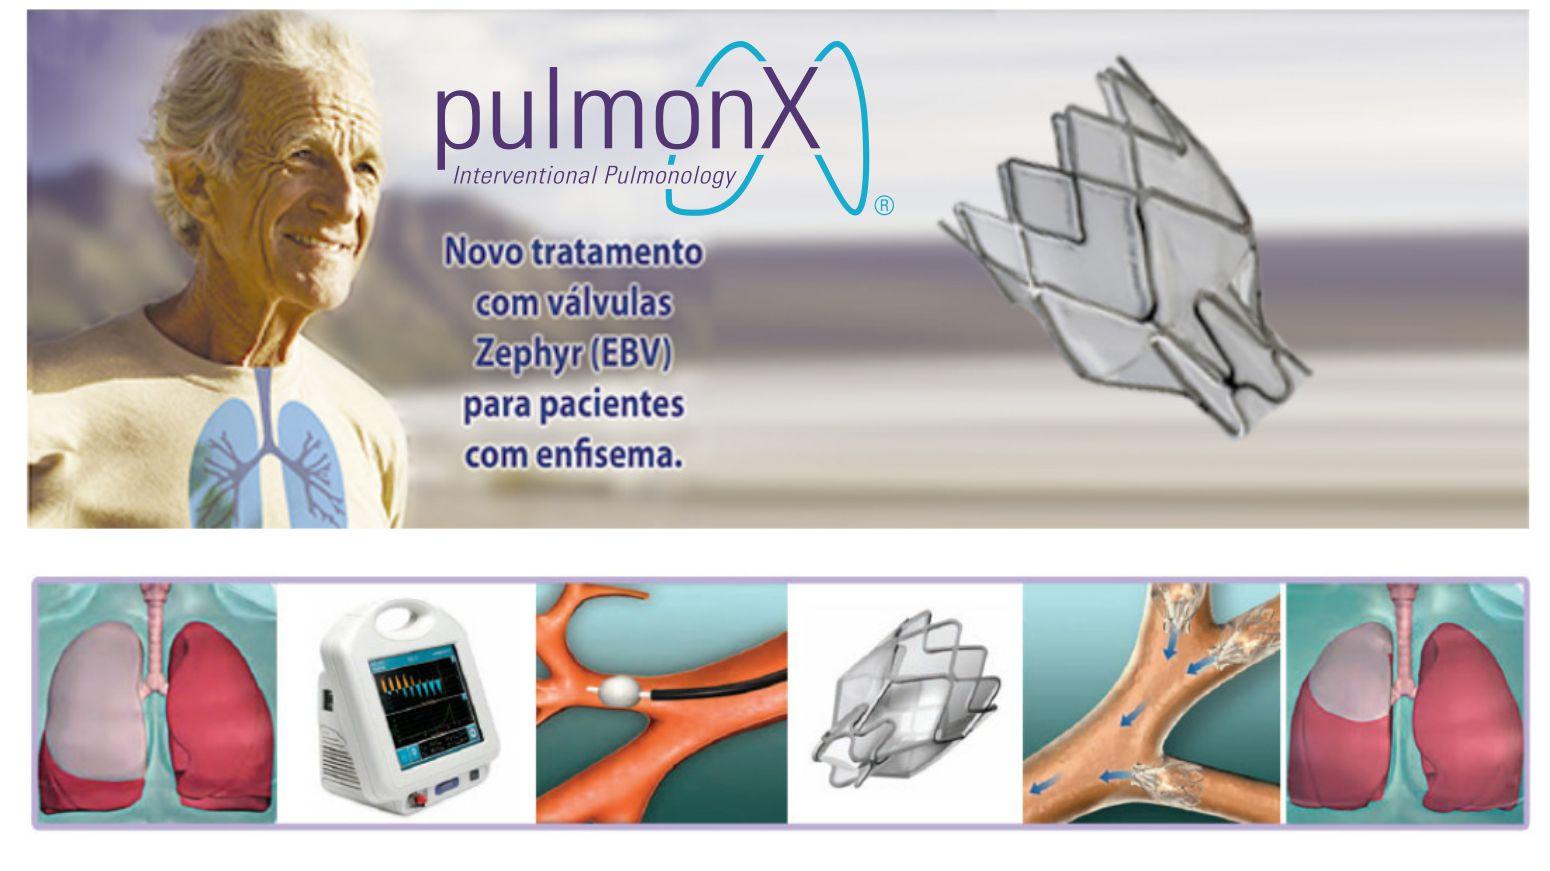 FOTO HOME PULMONX